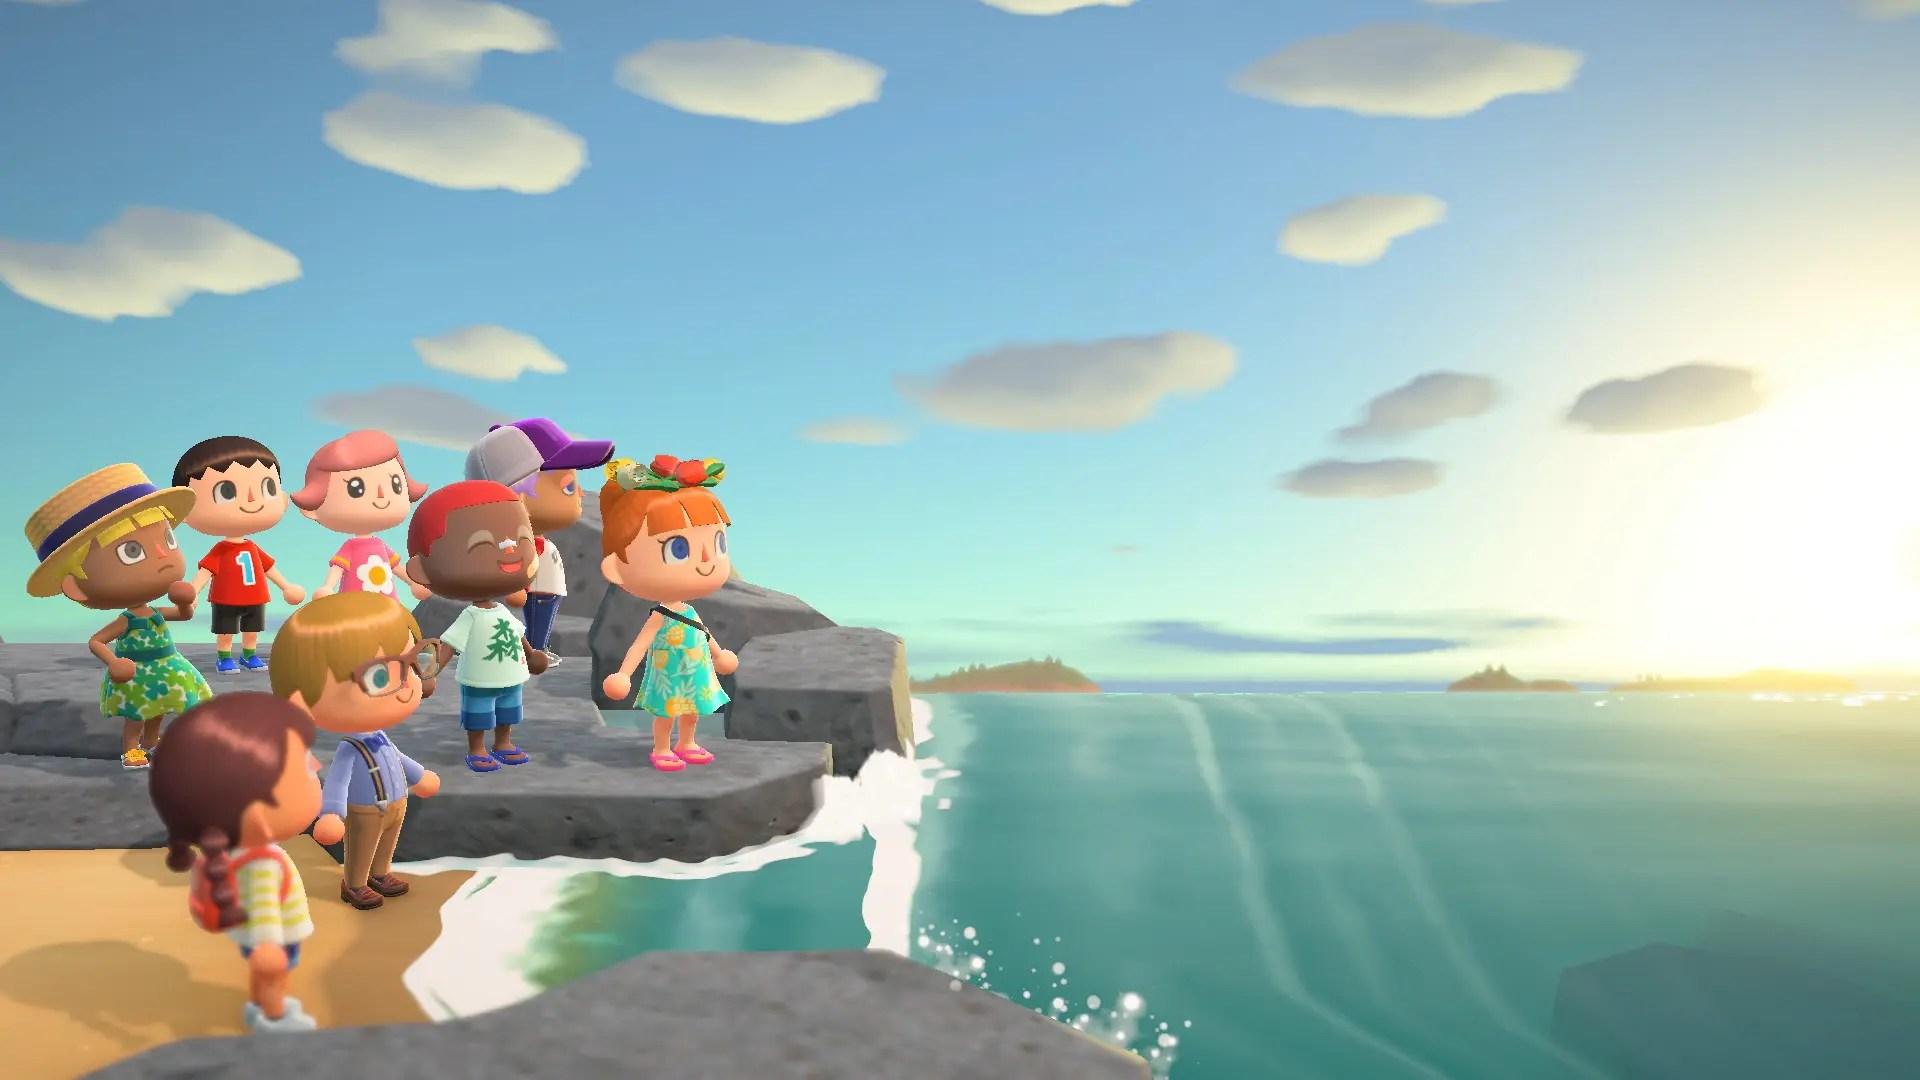 Animal Crossing: New Horizons E3 2019 Screenshot 2